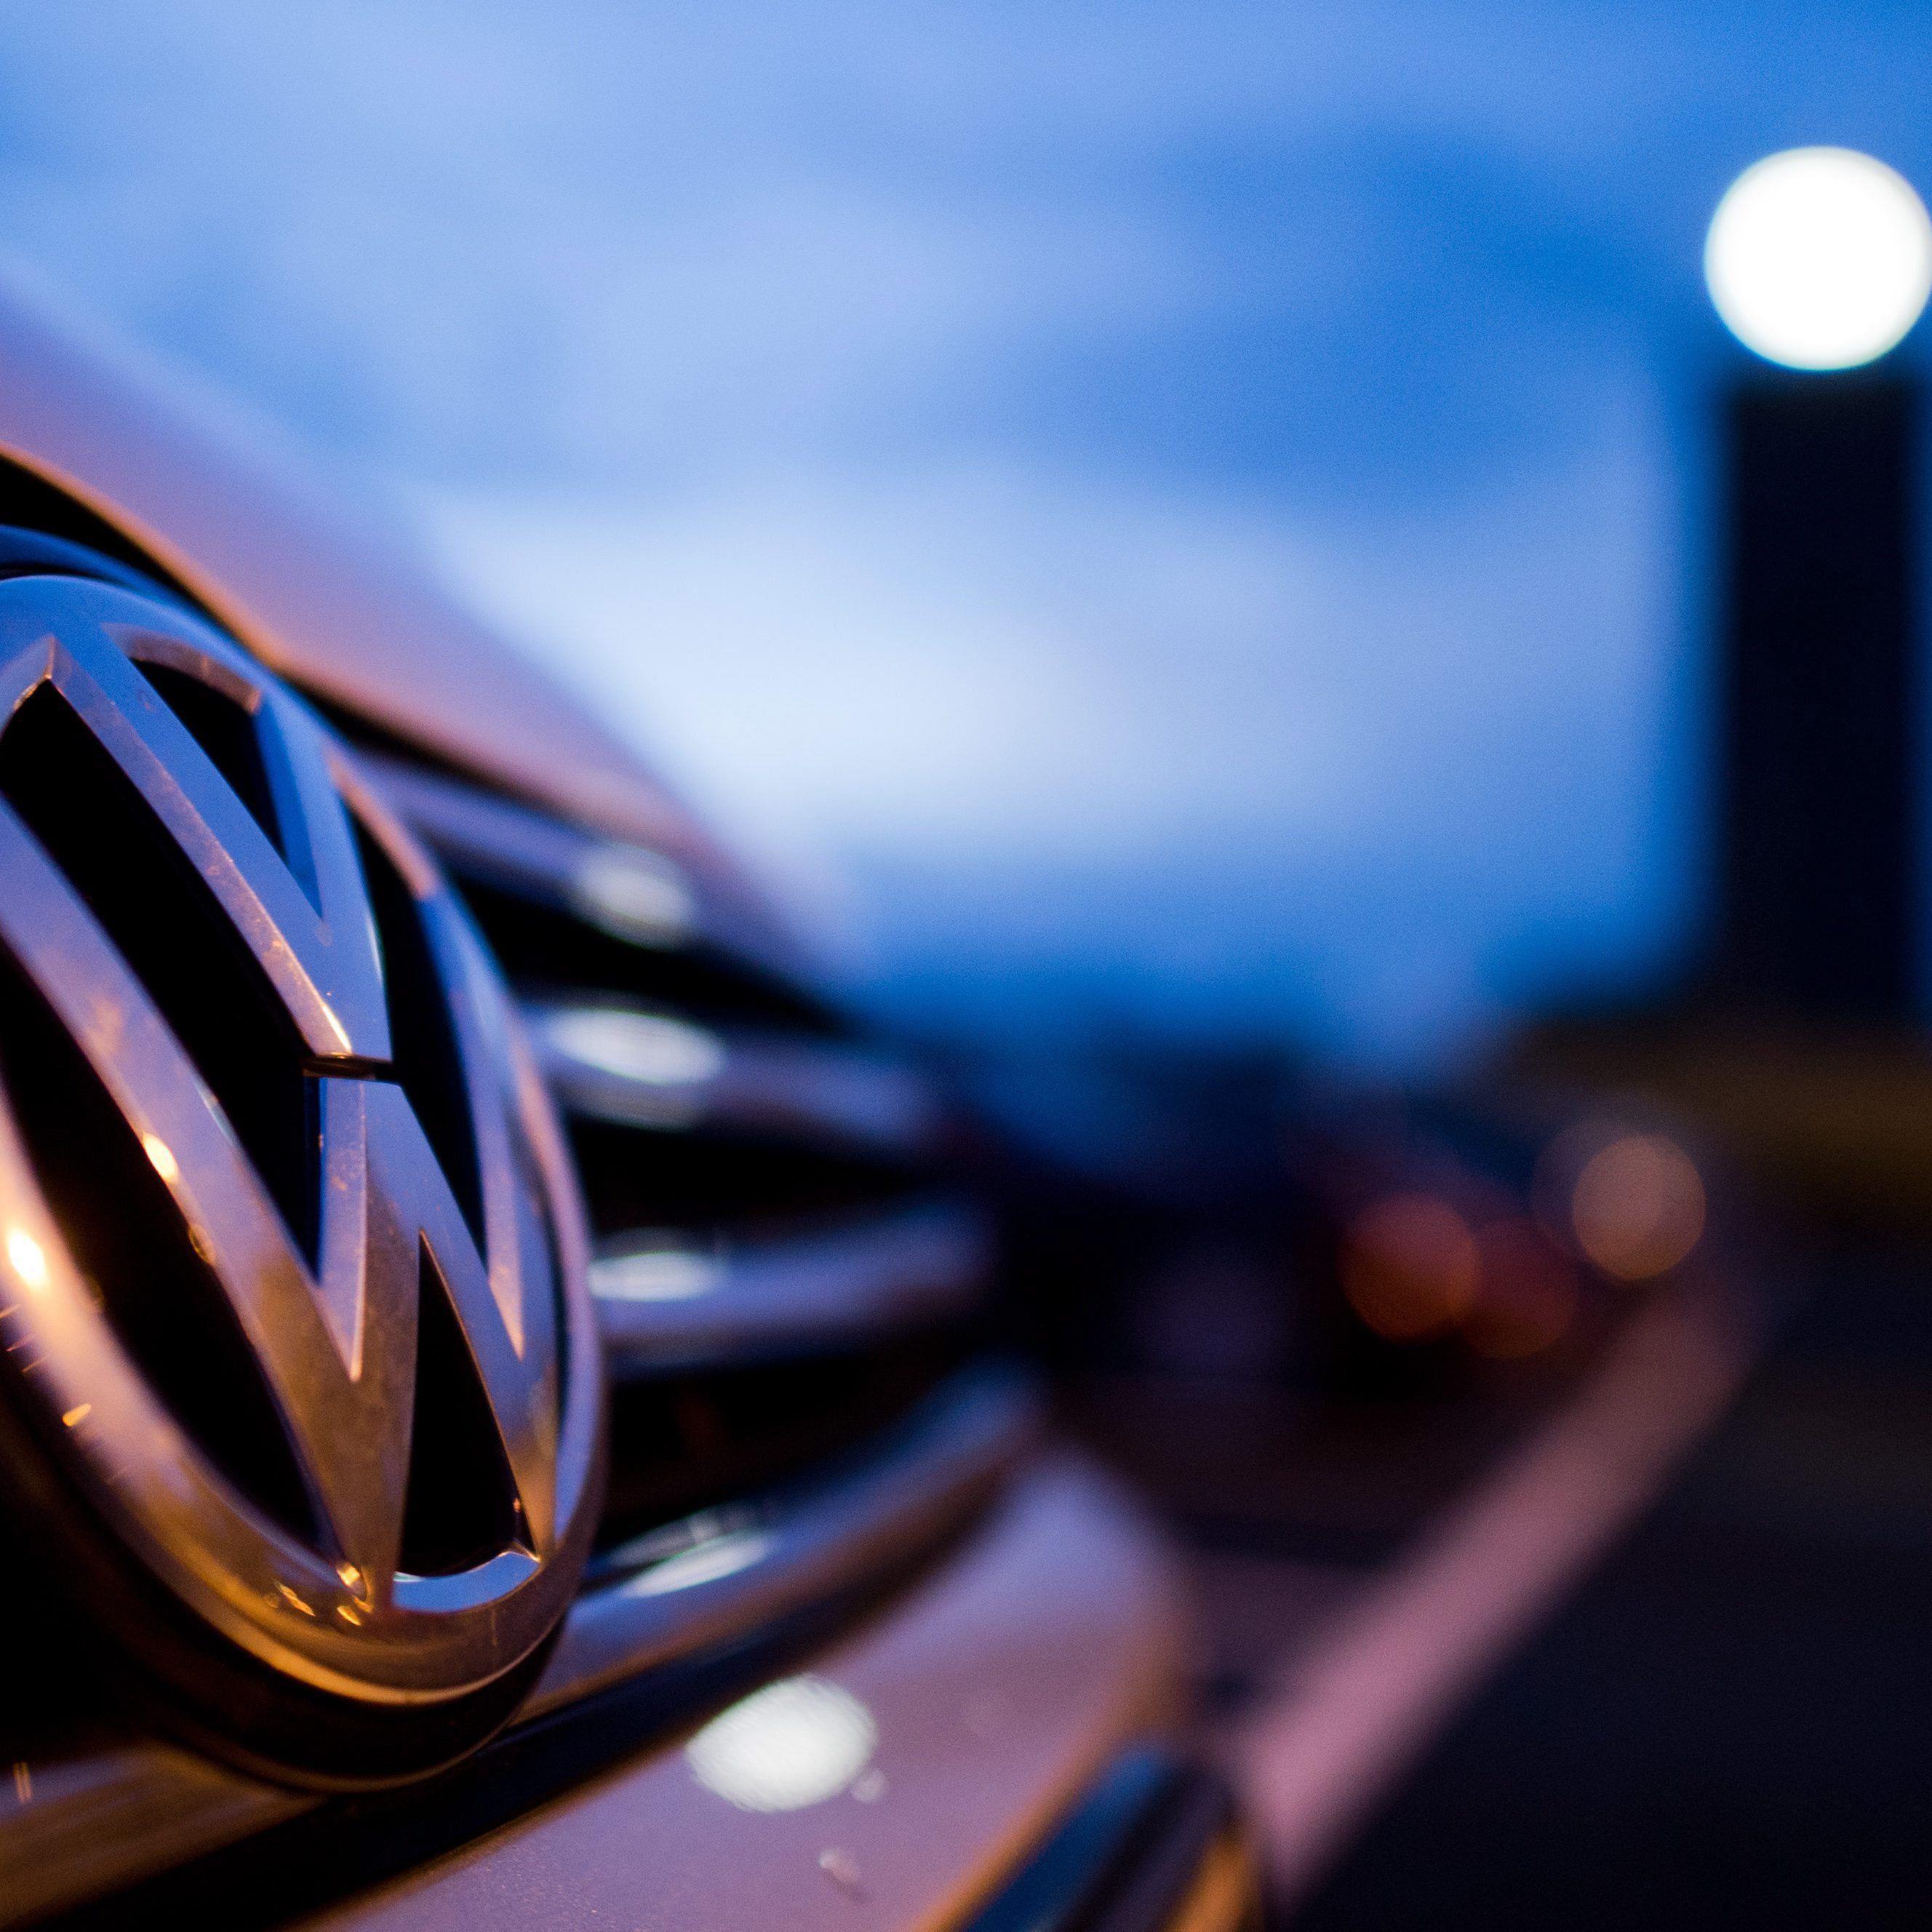 VW-Diesel-Affäre beschäftigt Justiz